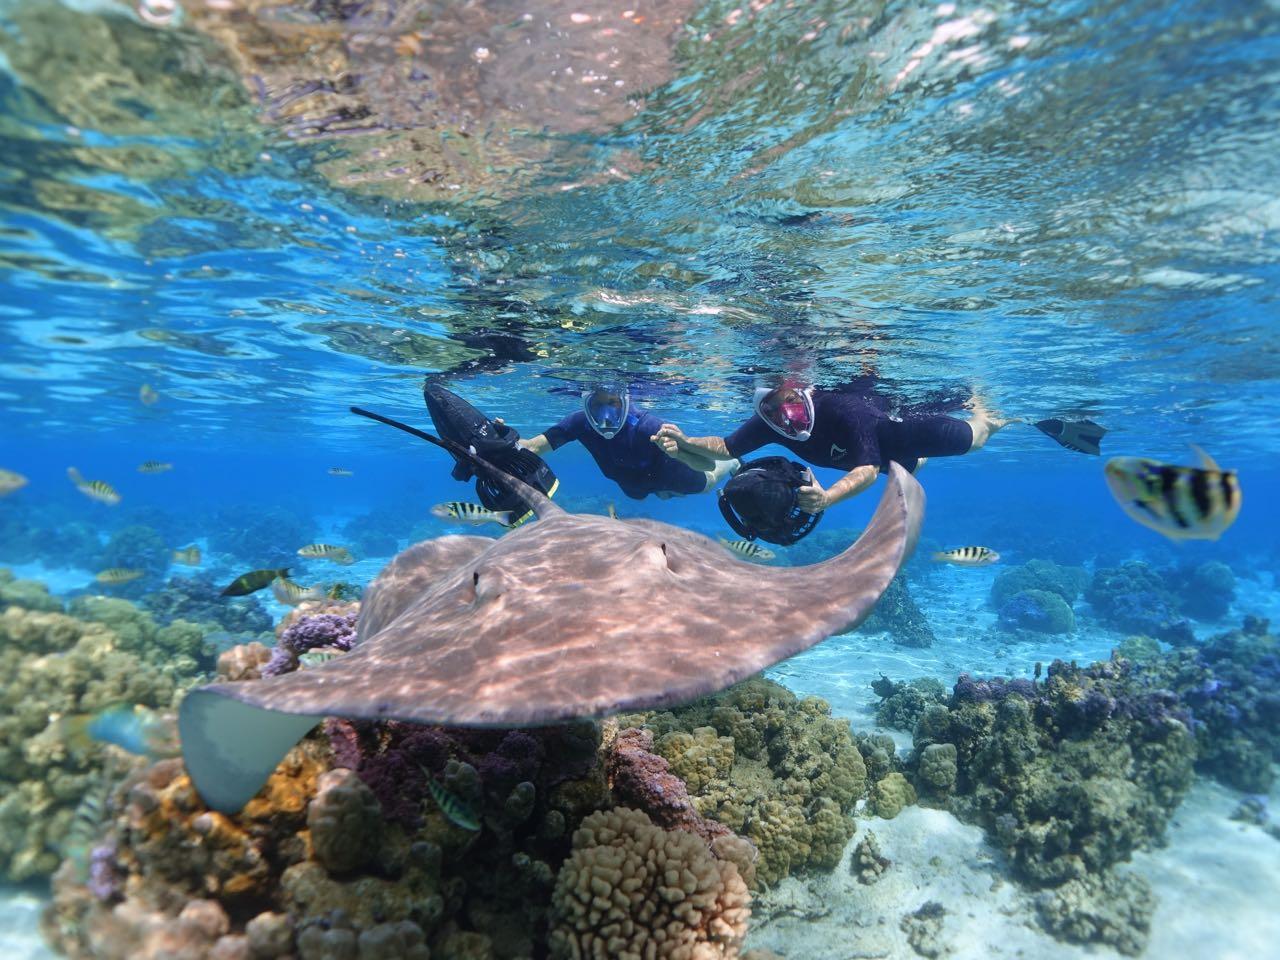 https://tahititourisme.mx/wp-content/uploads/2020/09/Sea-Scooter-Snorkeling-Tour-à-moorea-copie-2.jpg